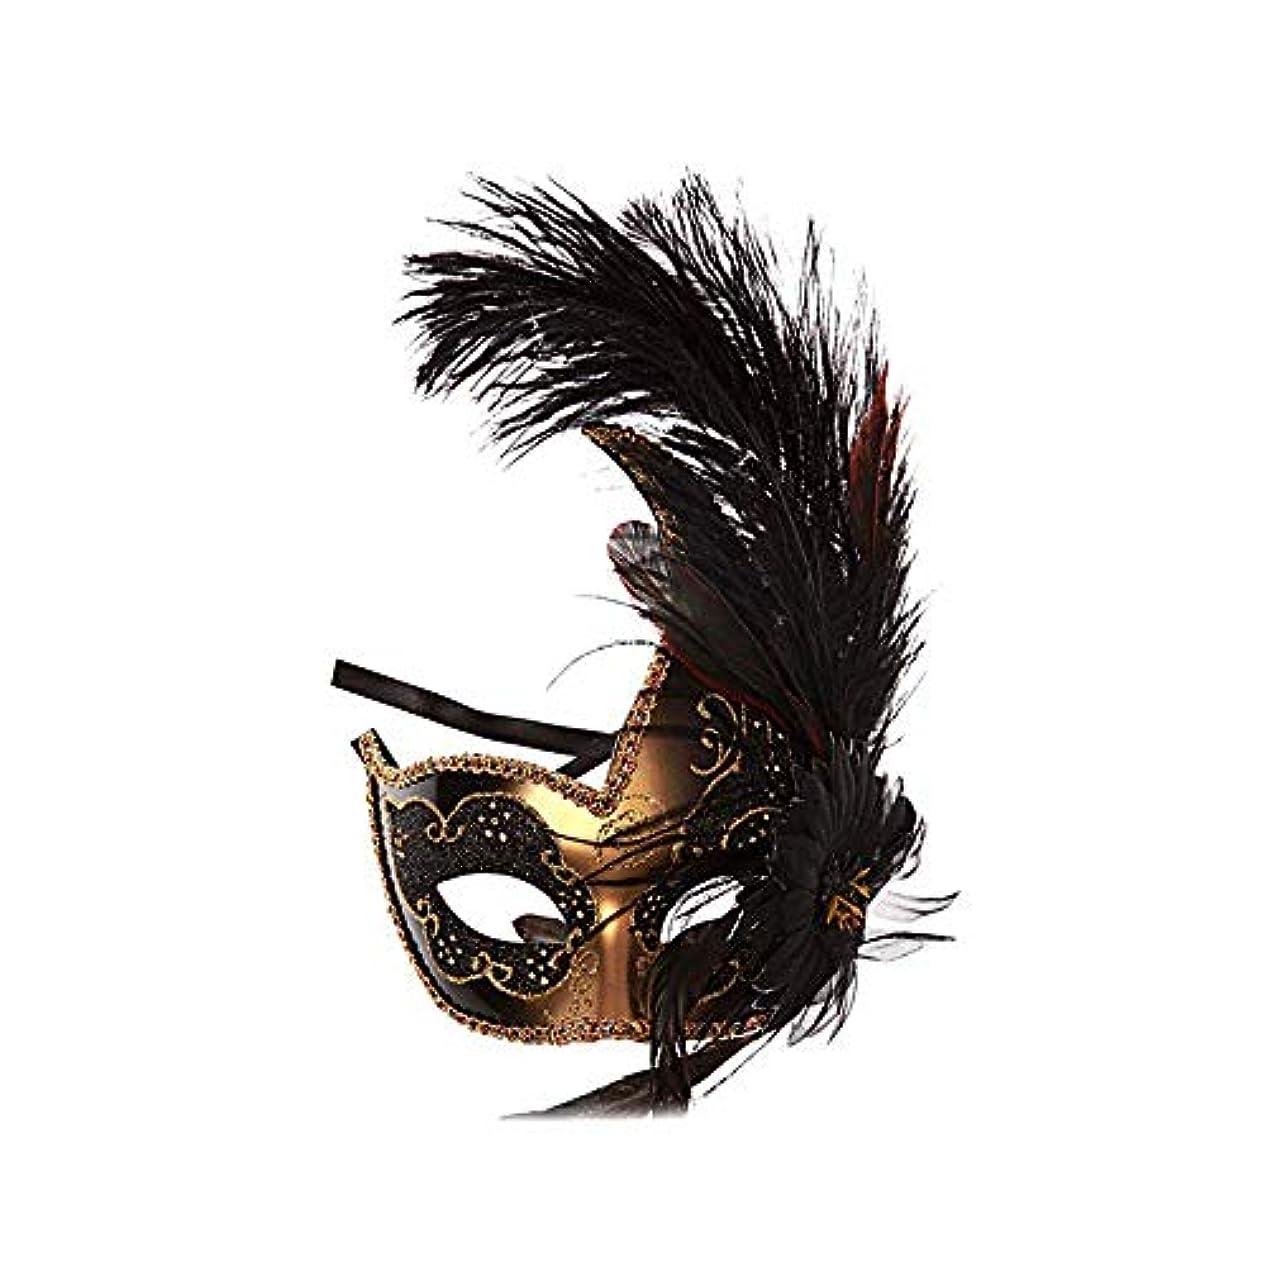 一見ビタミン未接続Nanle ハロウィンマスクハーフフェザーマスクベニスプリンセスマスク美容レース仮面ライダーコスプレ (色 : Style B black)